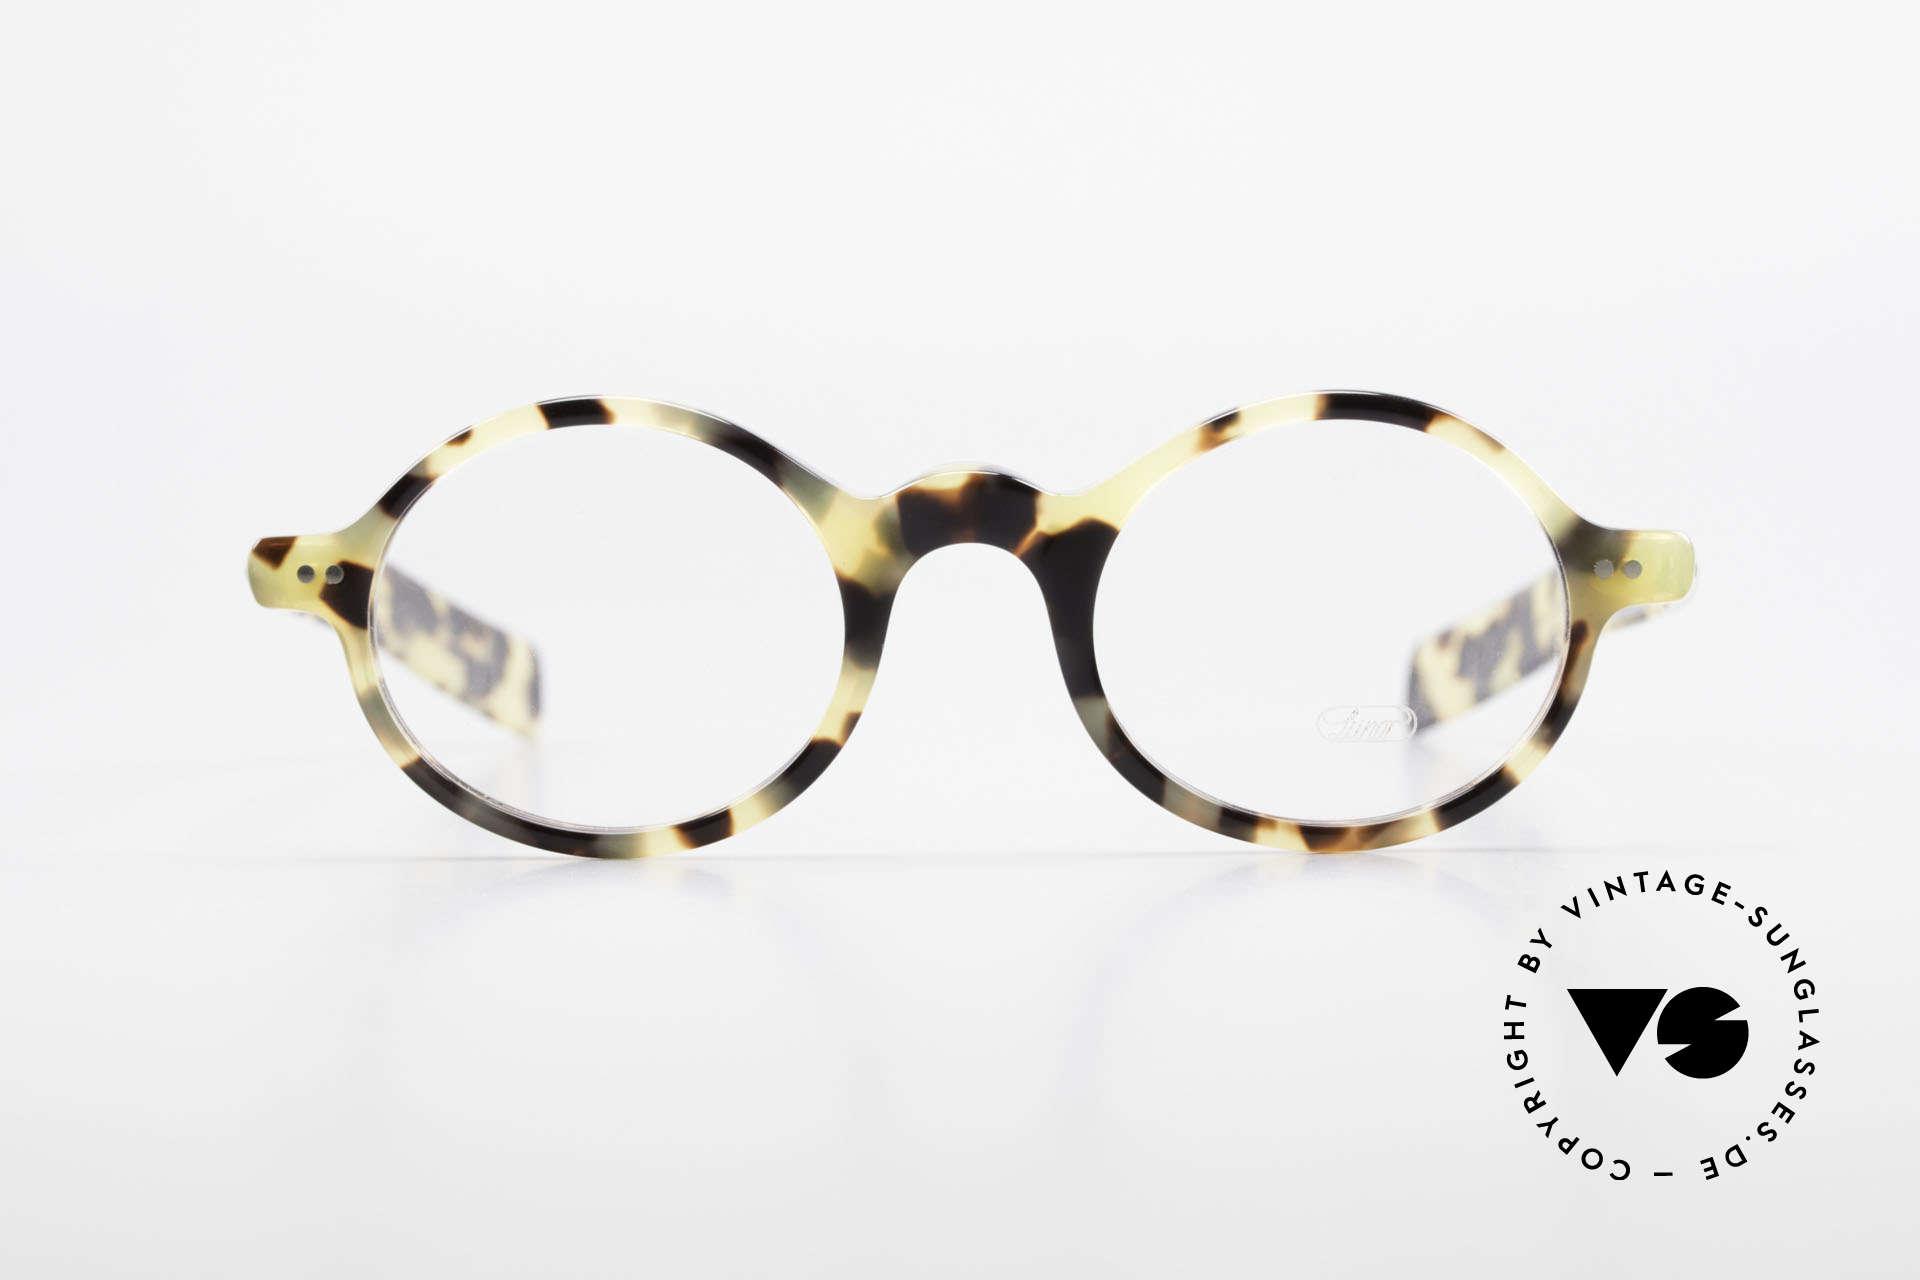 Lunor A52 Ovale Lunor Brille Acetat, Nietscharniere und zehntelmillimetergenau gefräst, Passend für Herren und Damen